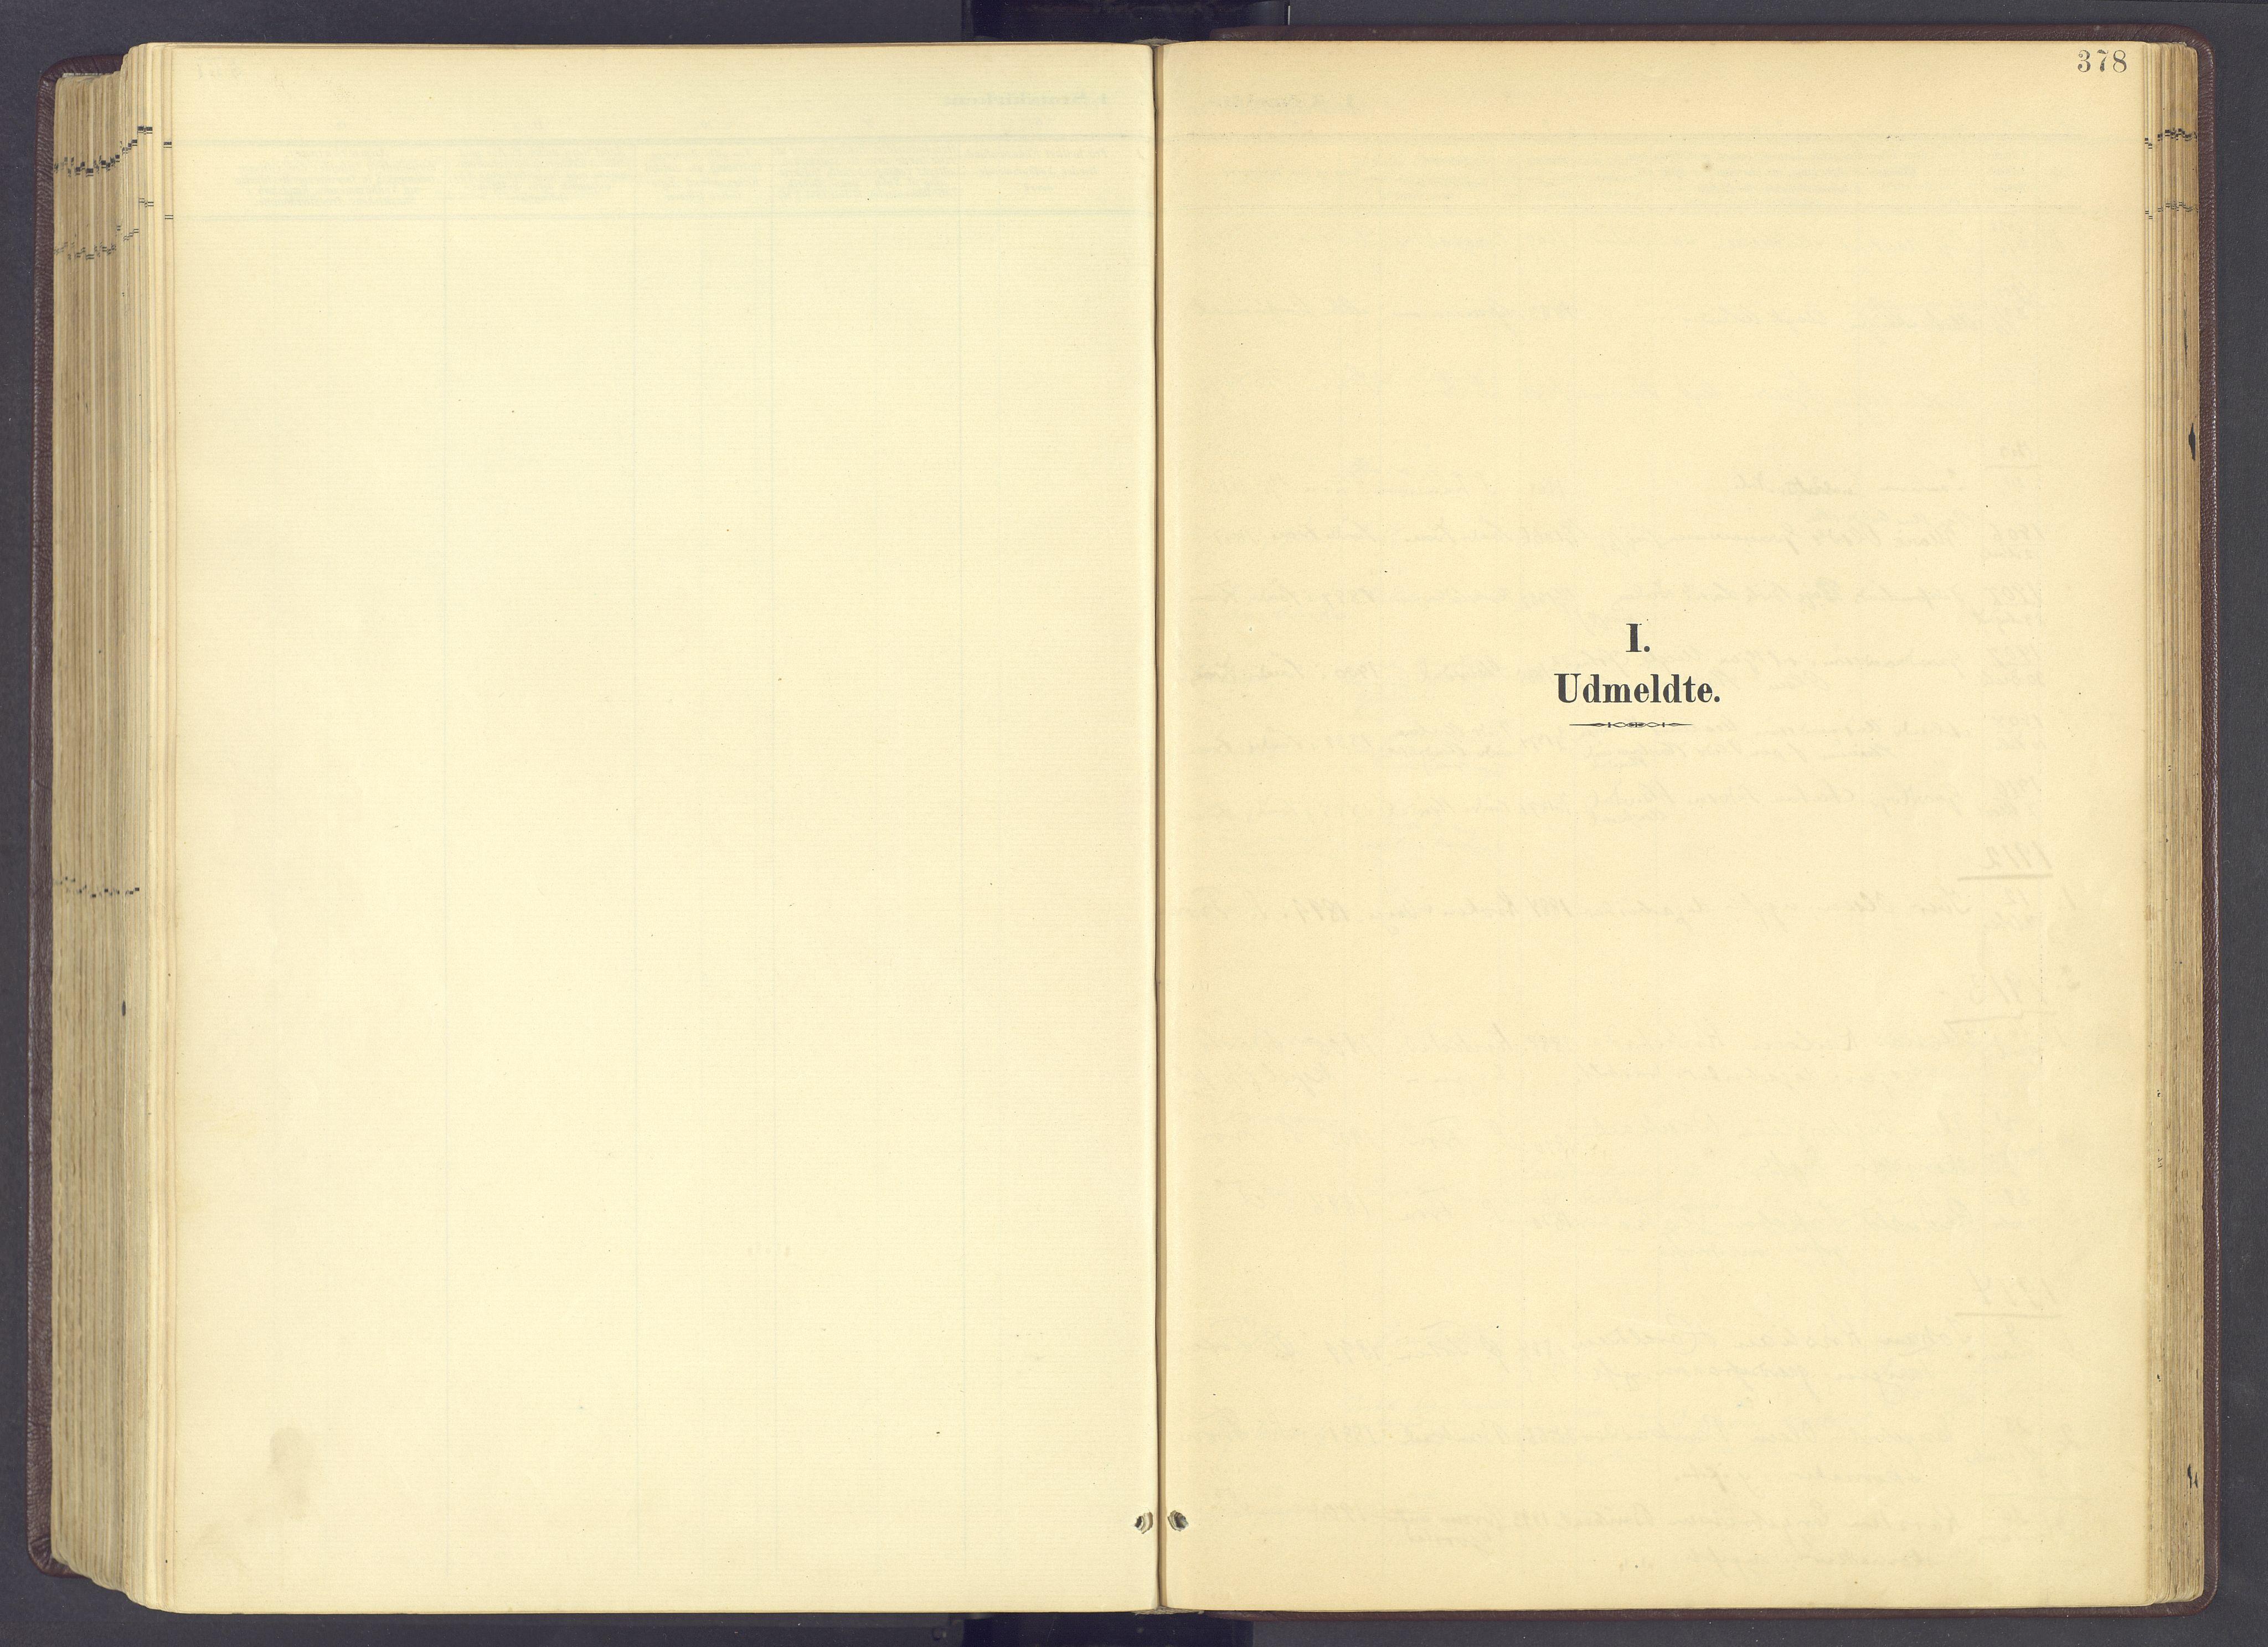 SAH, Sør-Fron prestekontor, H/Ha/Haa/L0004: Parish register (official) no. 4, 1898-1919, p. 378